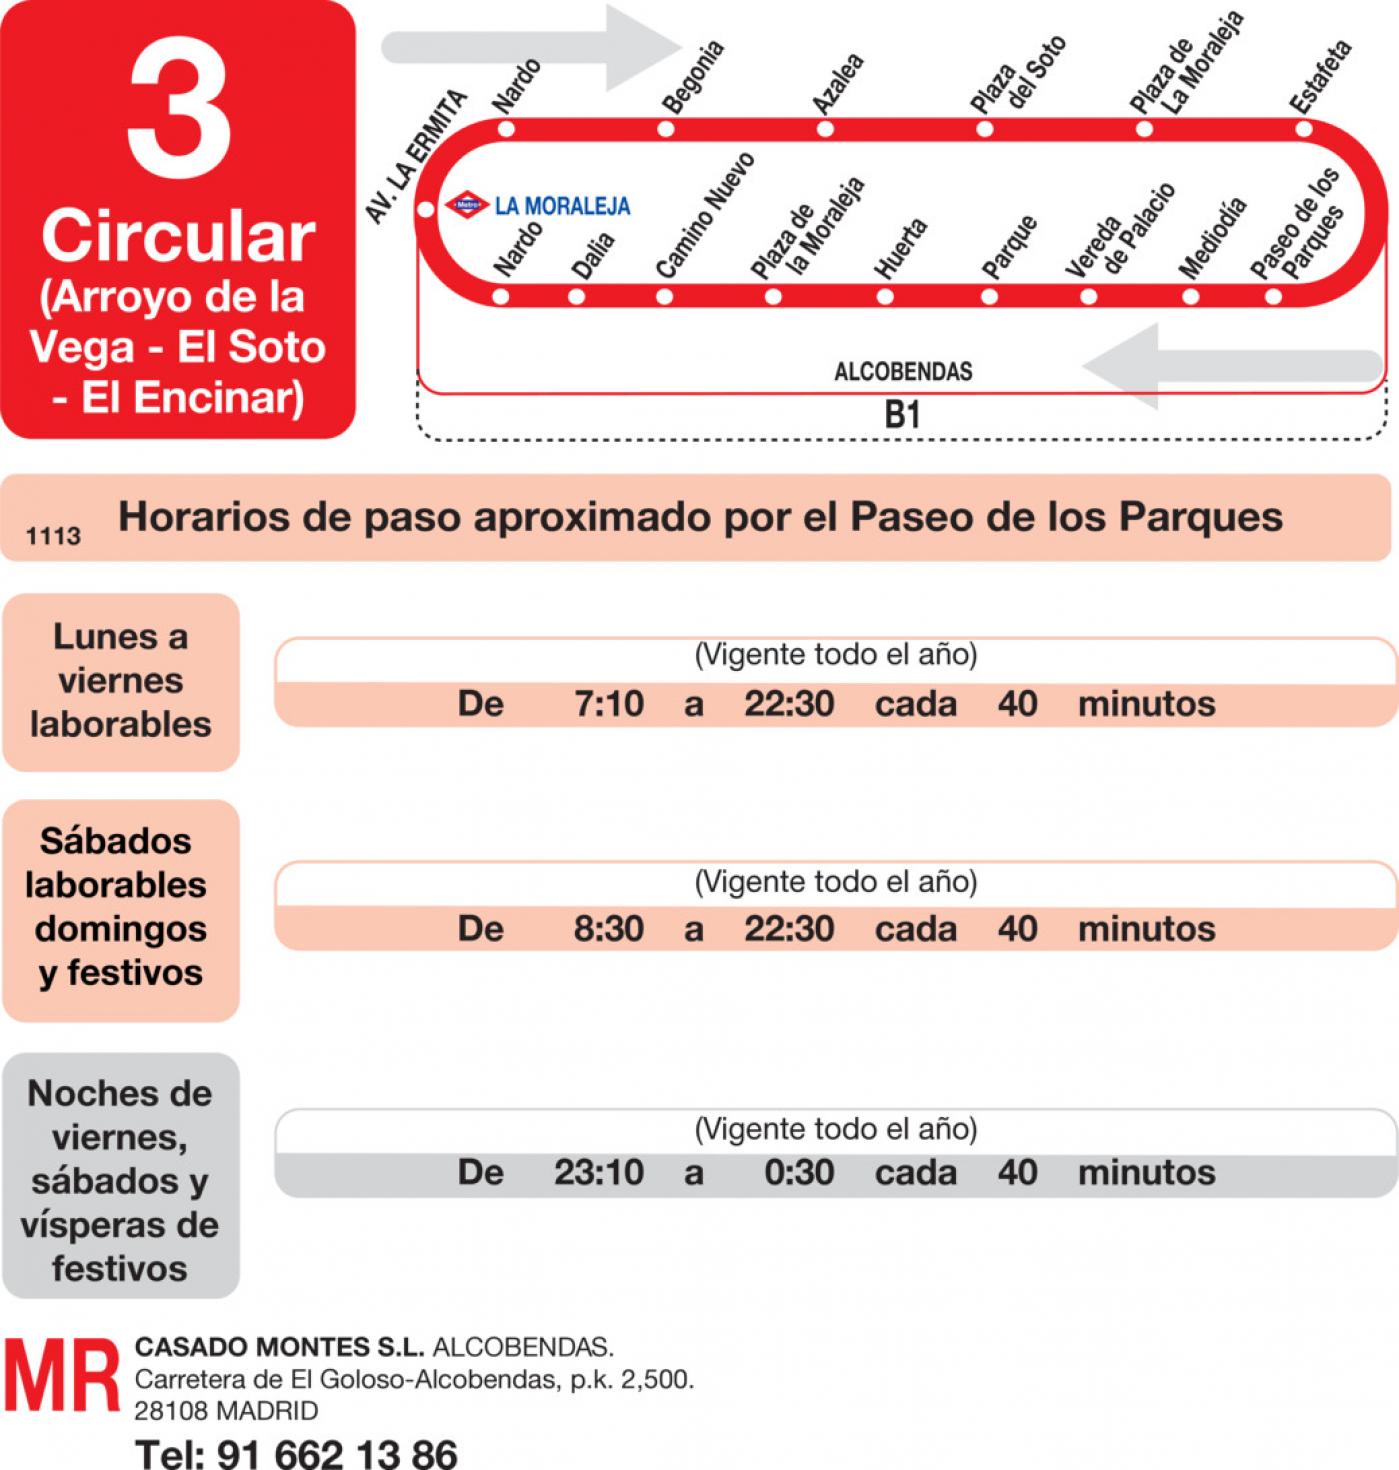 Tabla de horarios y frecuencias de paso en sentido vuelta Línea L-3 Alcobendas: Arroyo de la Vega - Soto de la Moraleja - El Encinar de los Reyes